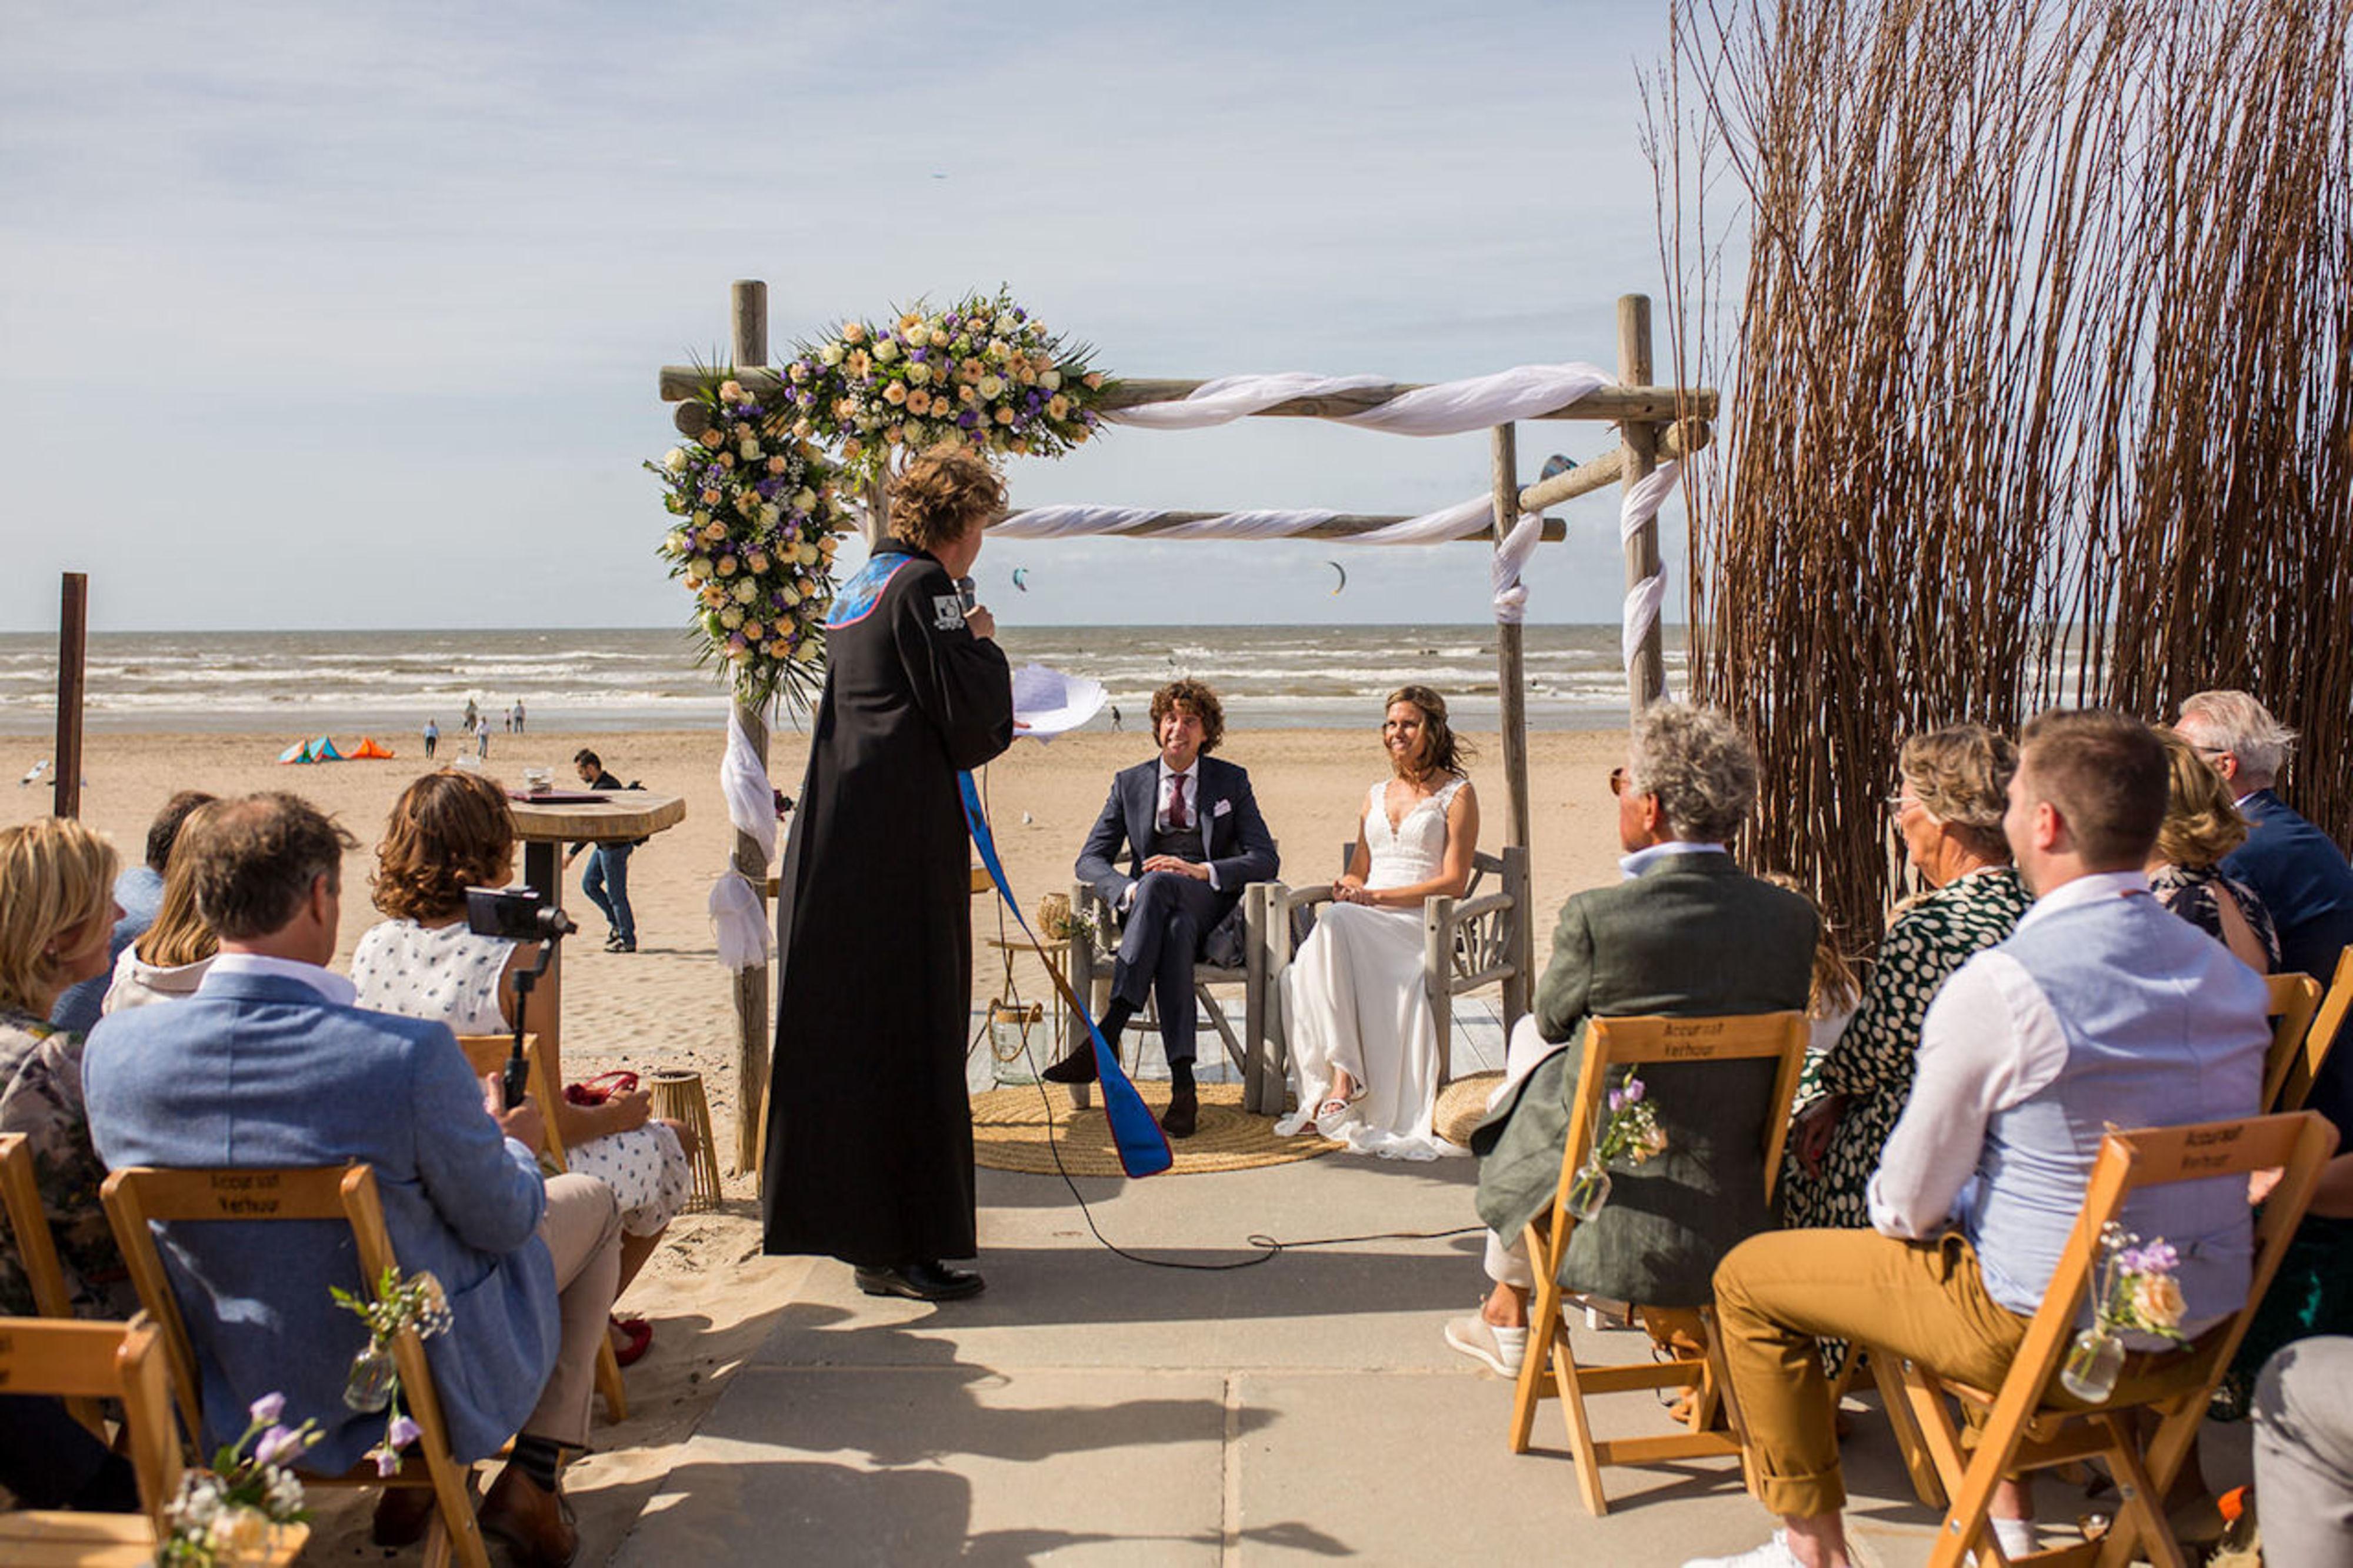 Bruiloftstyling strandlocatie